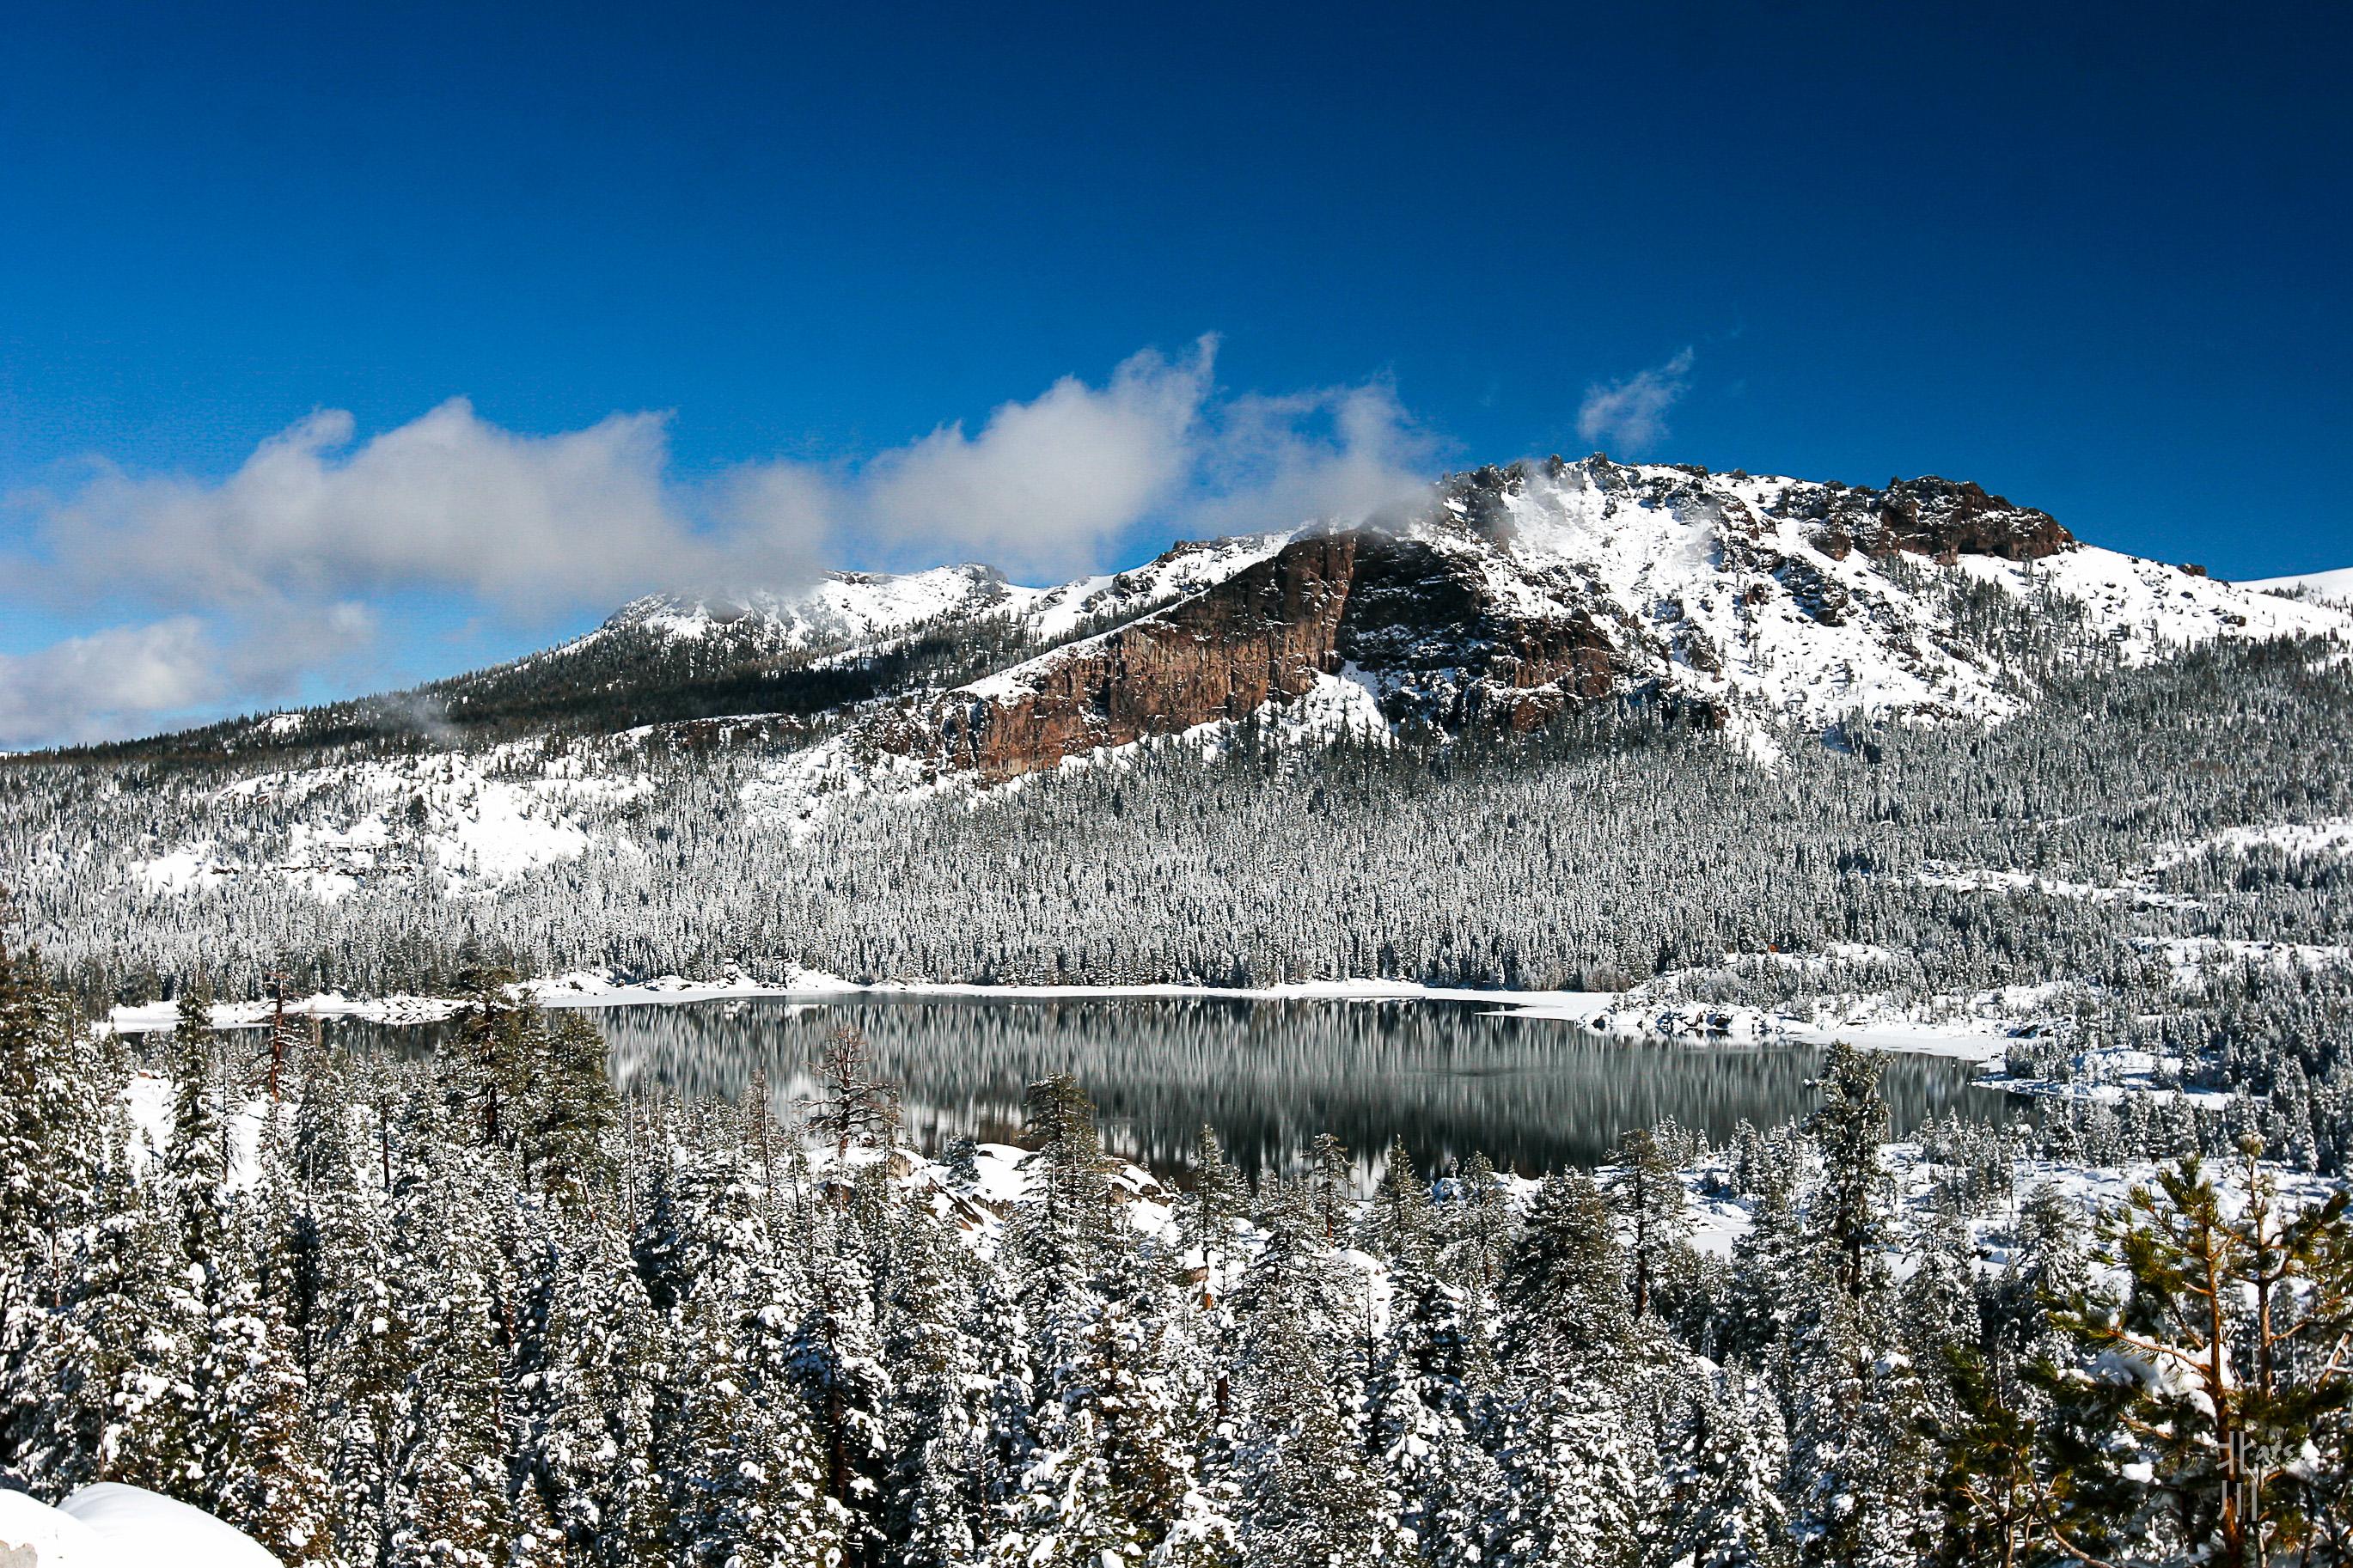 Silver Lake and Thunder Mountain « Snapshots by Kats